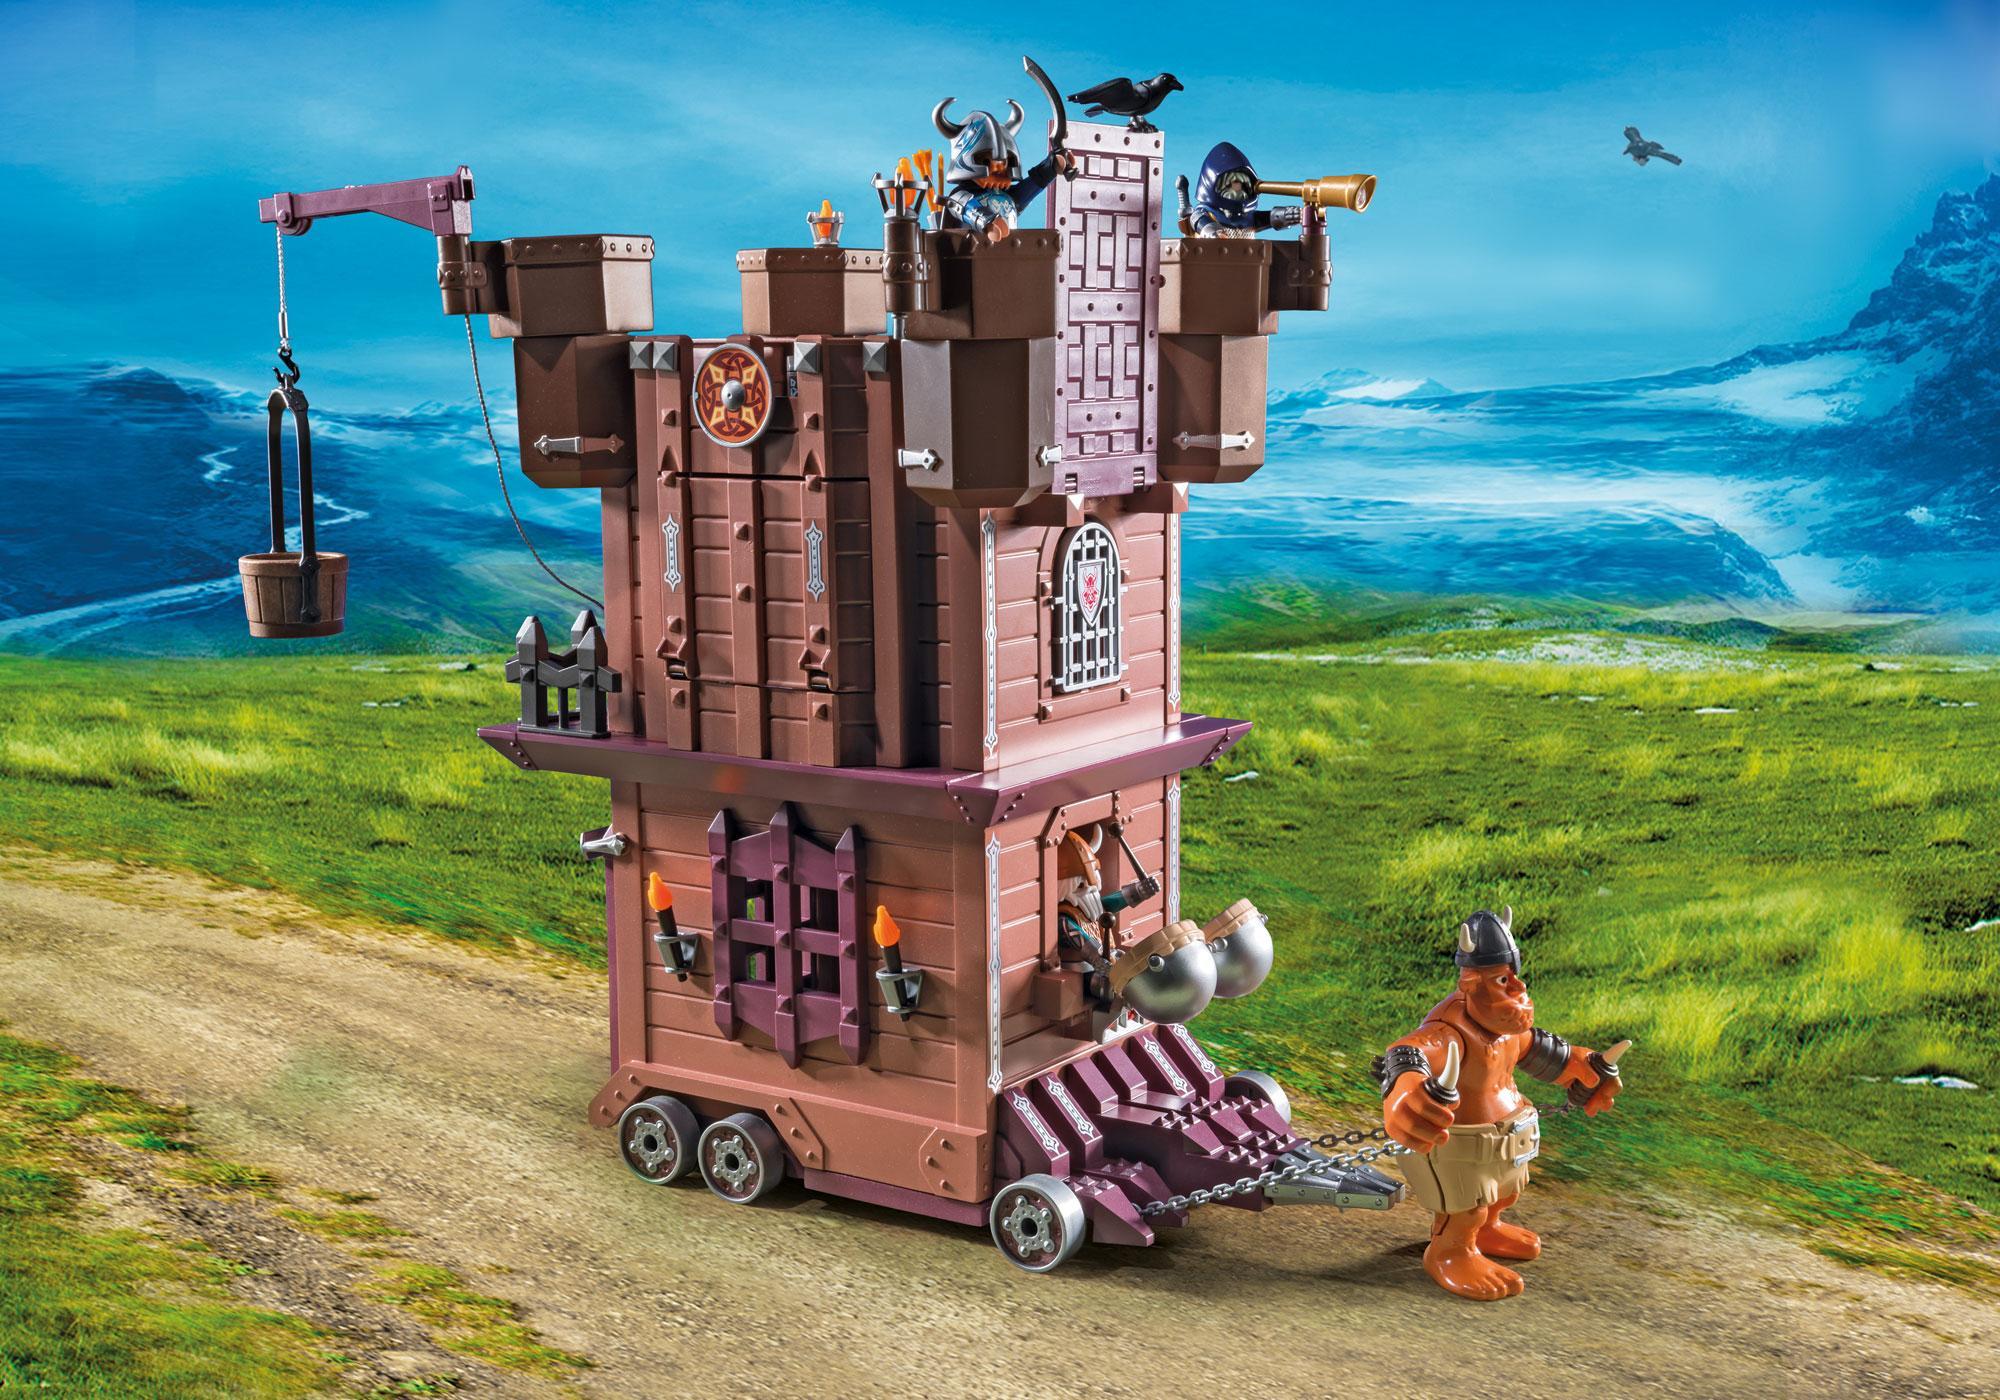 http://media.playmobil.com/i/playmobil/9340_product_extra3/Πολιορκητικός Πύργος Νάνων